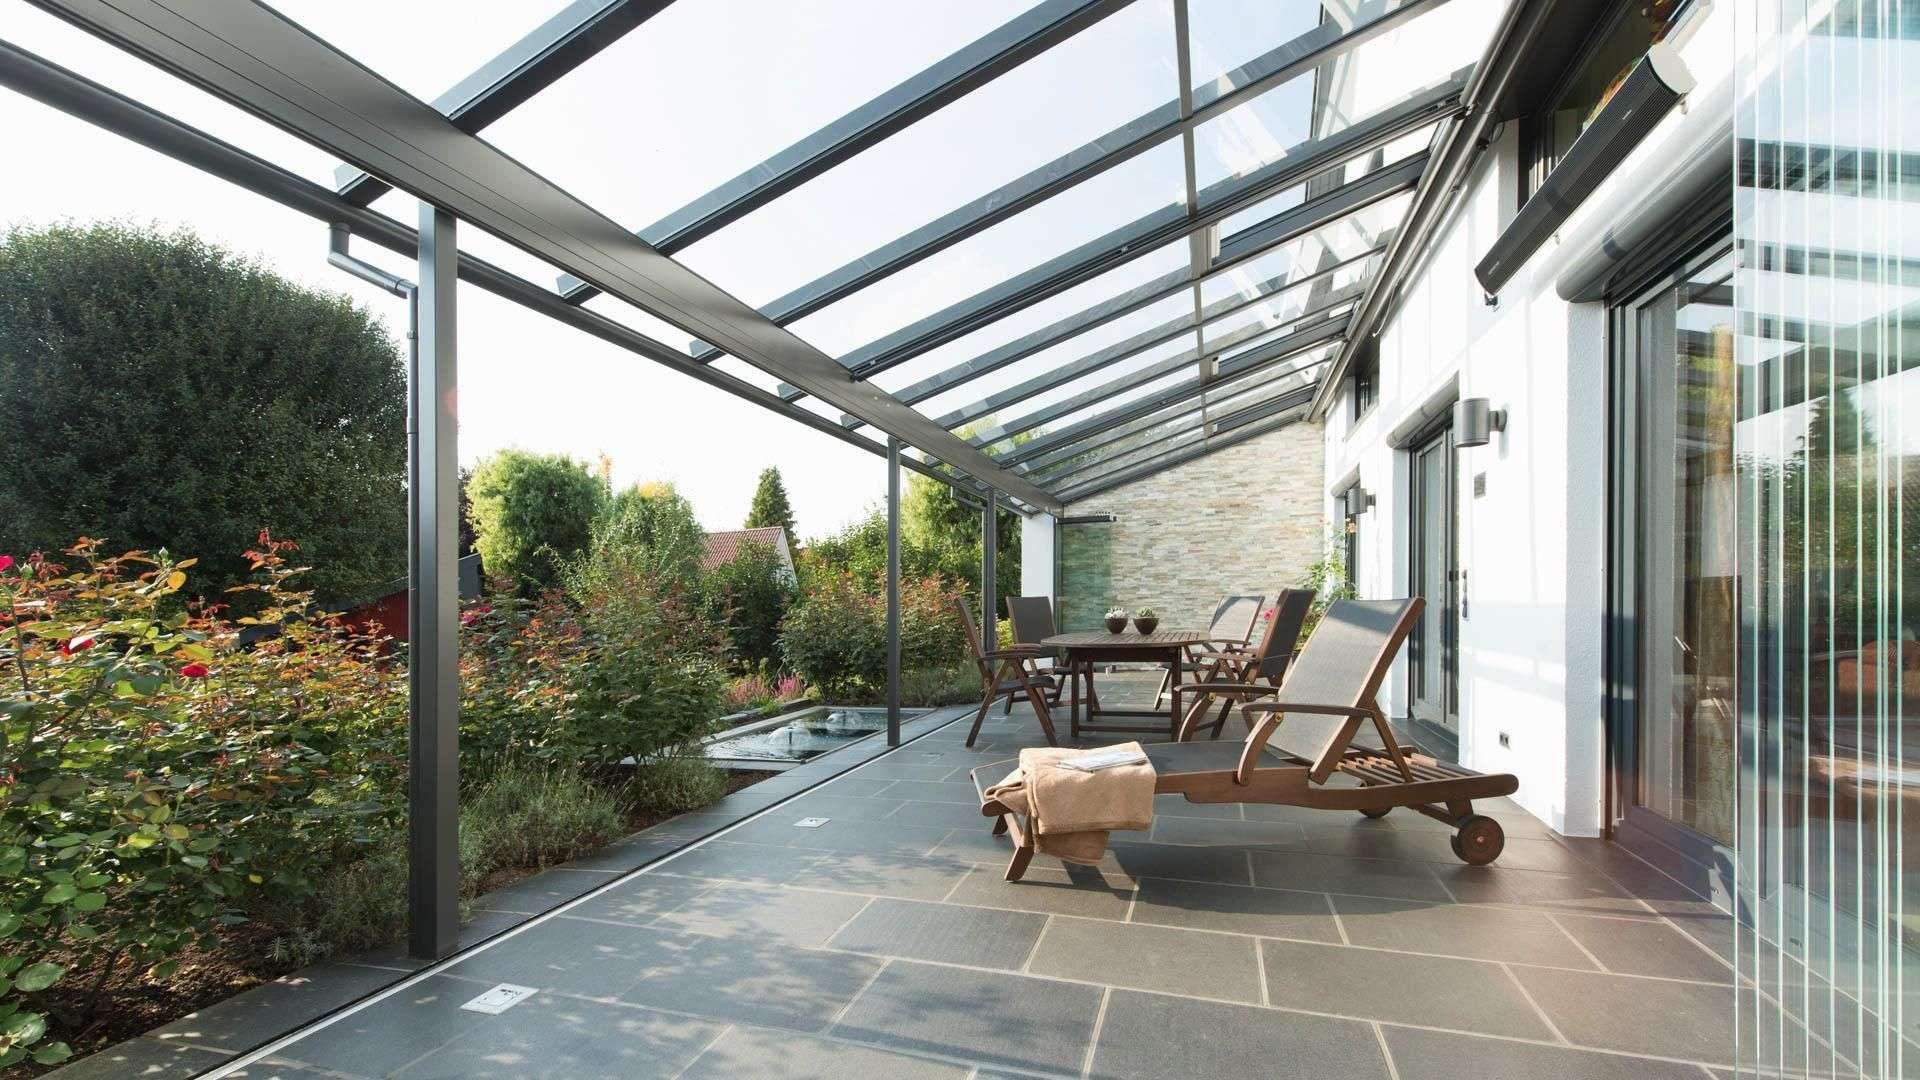 Innenansicht eines Solarlux SDL Atrium plus Terrassendaches mit geöffneter Glas-Front, Liegestuhl sowie Sitzmöbeln im Inneren